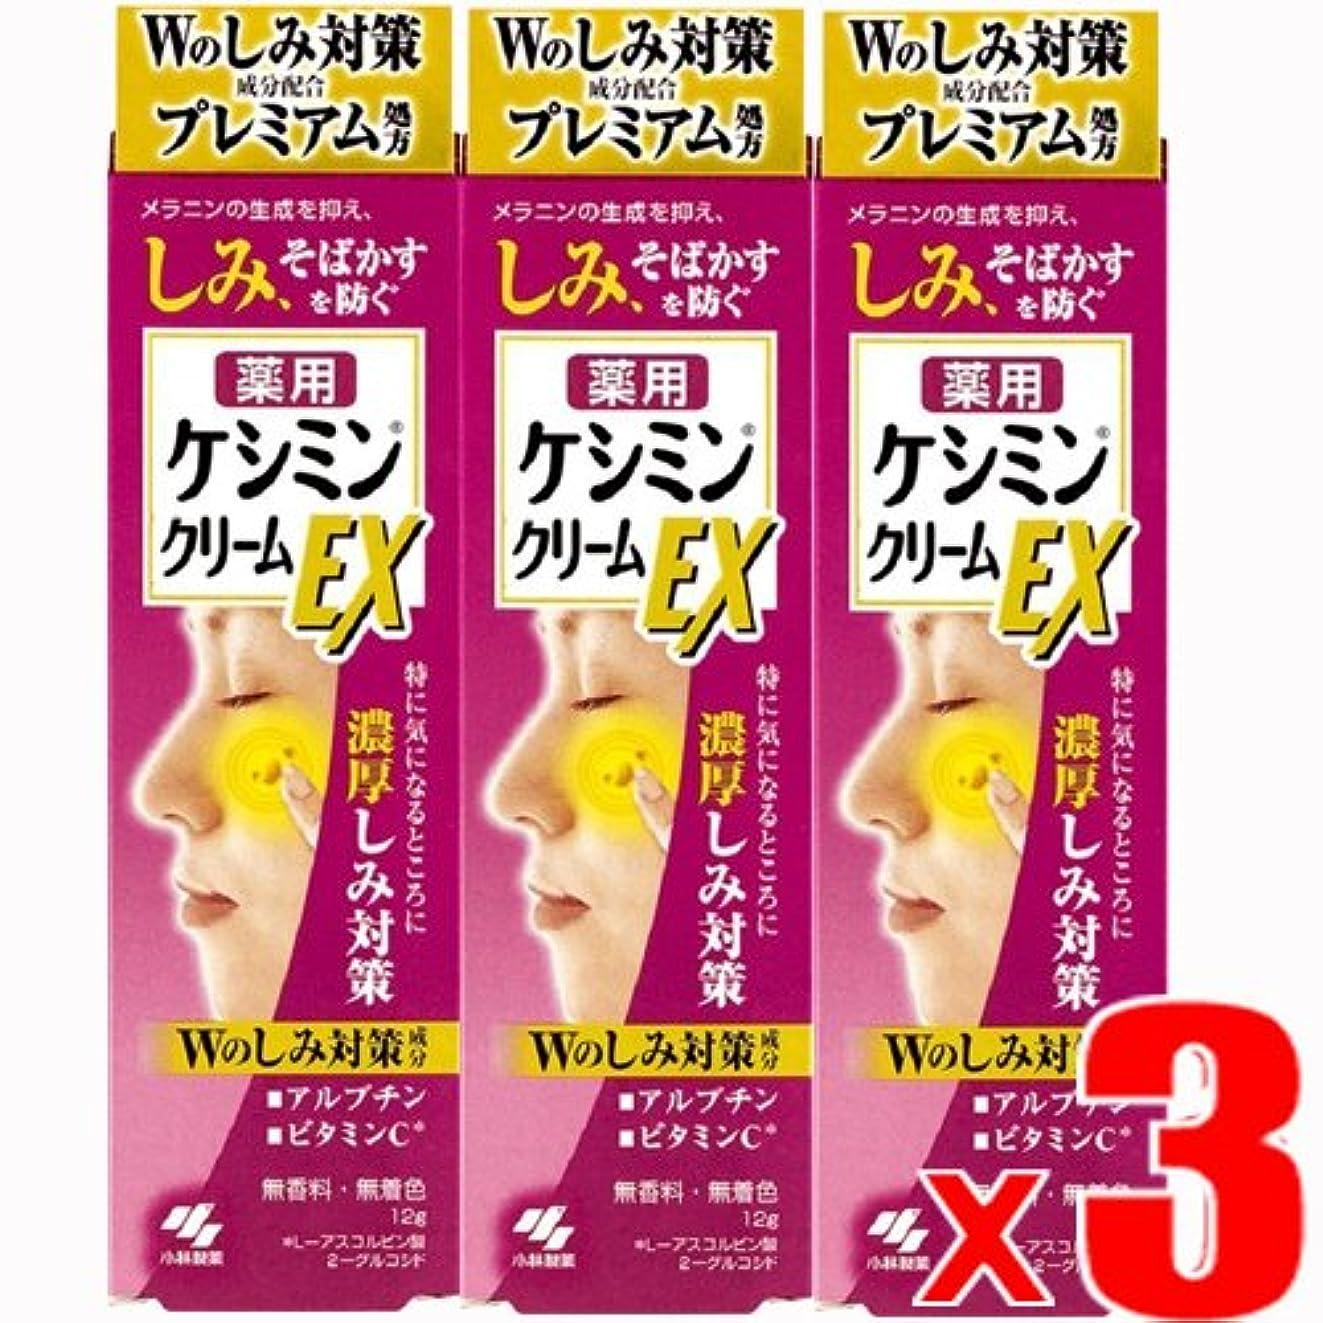 レンダー魂人間【3個】ケシミンクリームEX 濃厚シミ対策 塗るビタミンC アルブチン 12gx3個 (4987072047590-3)